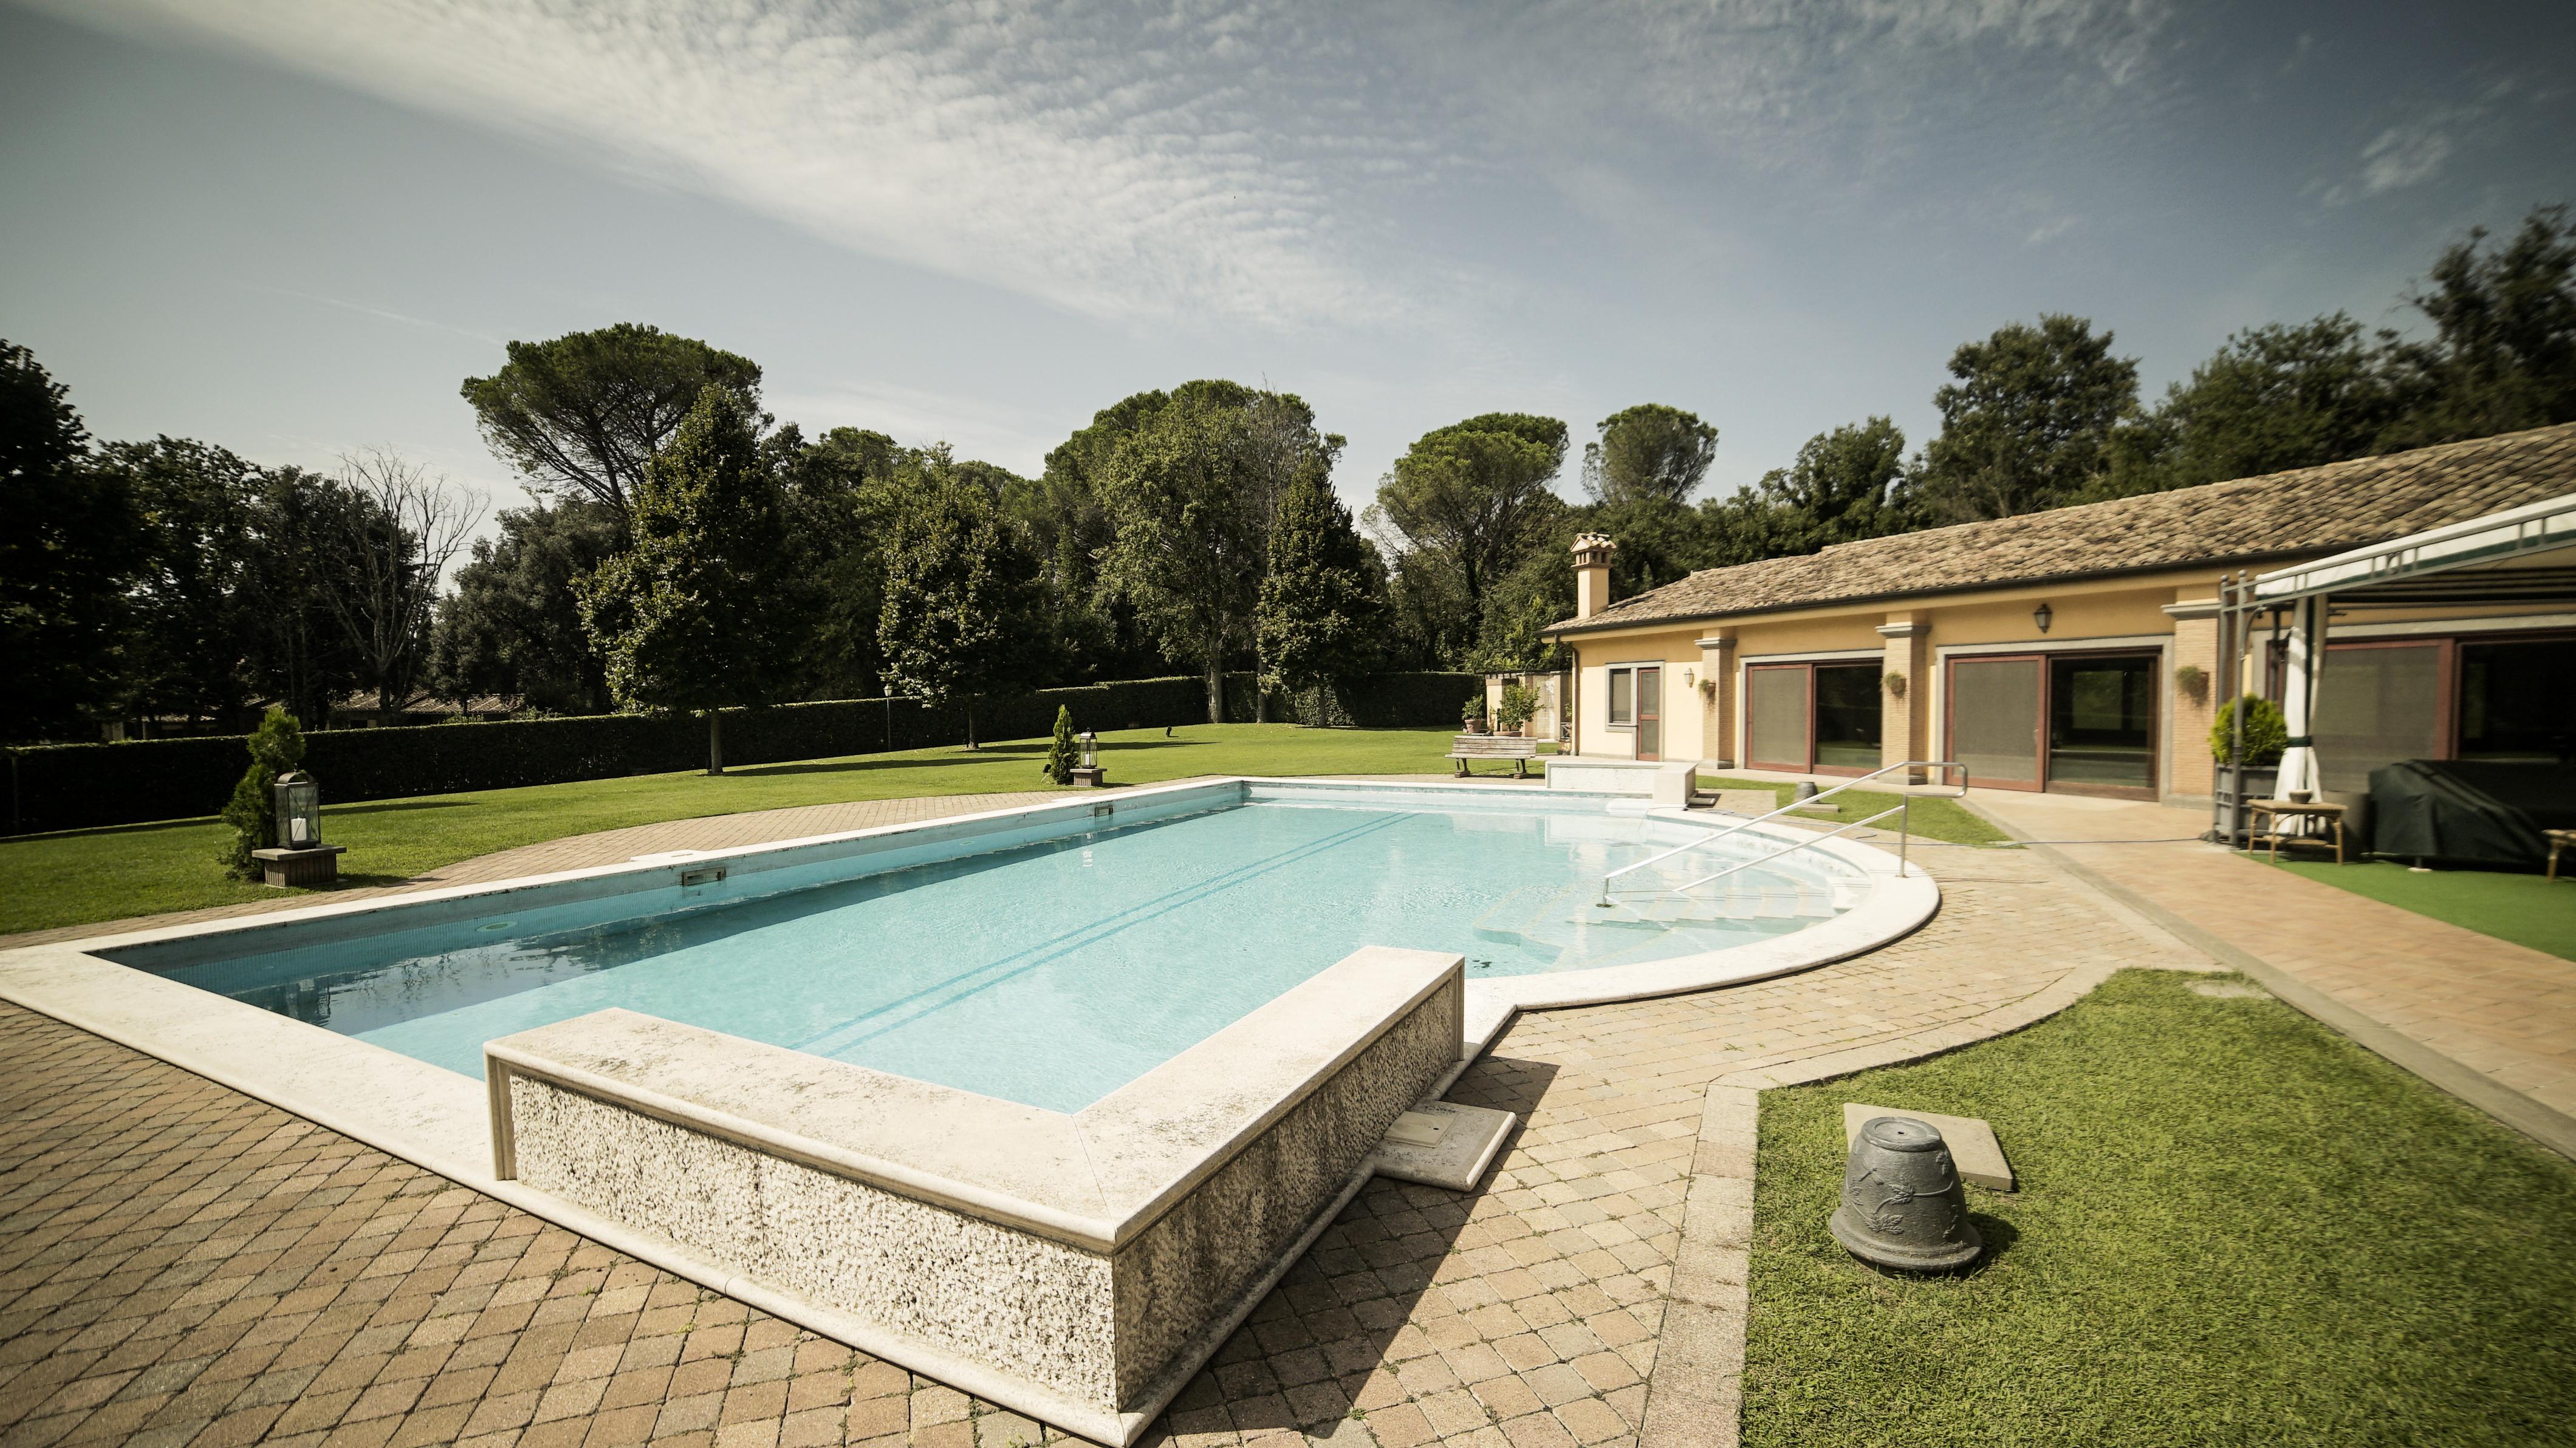 piscina con ingresso facilitato